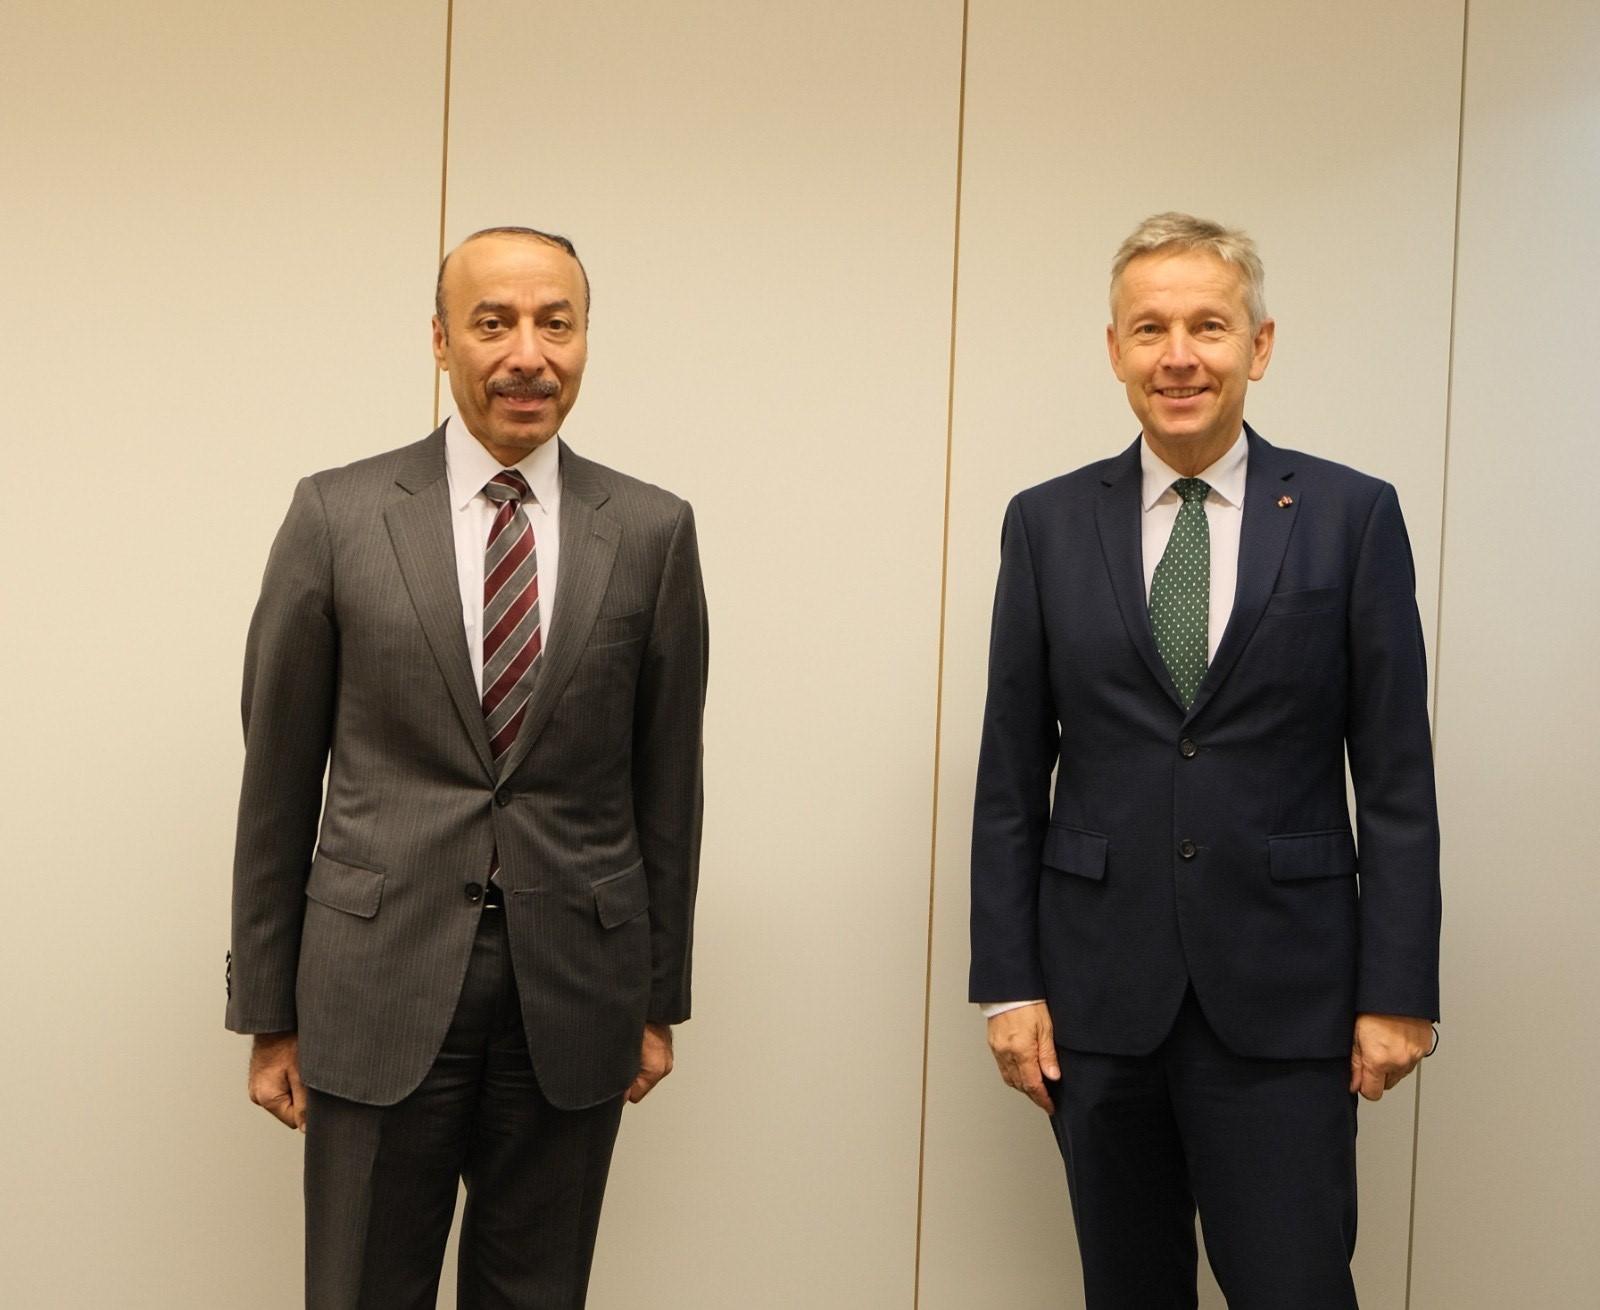 برلماني نمساوي يشيد بإعلان سمو الأمير عن إجراء انتخابات مجلس الشورى